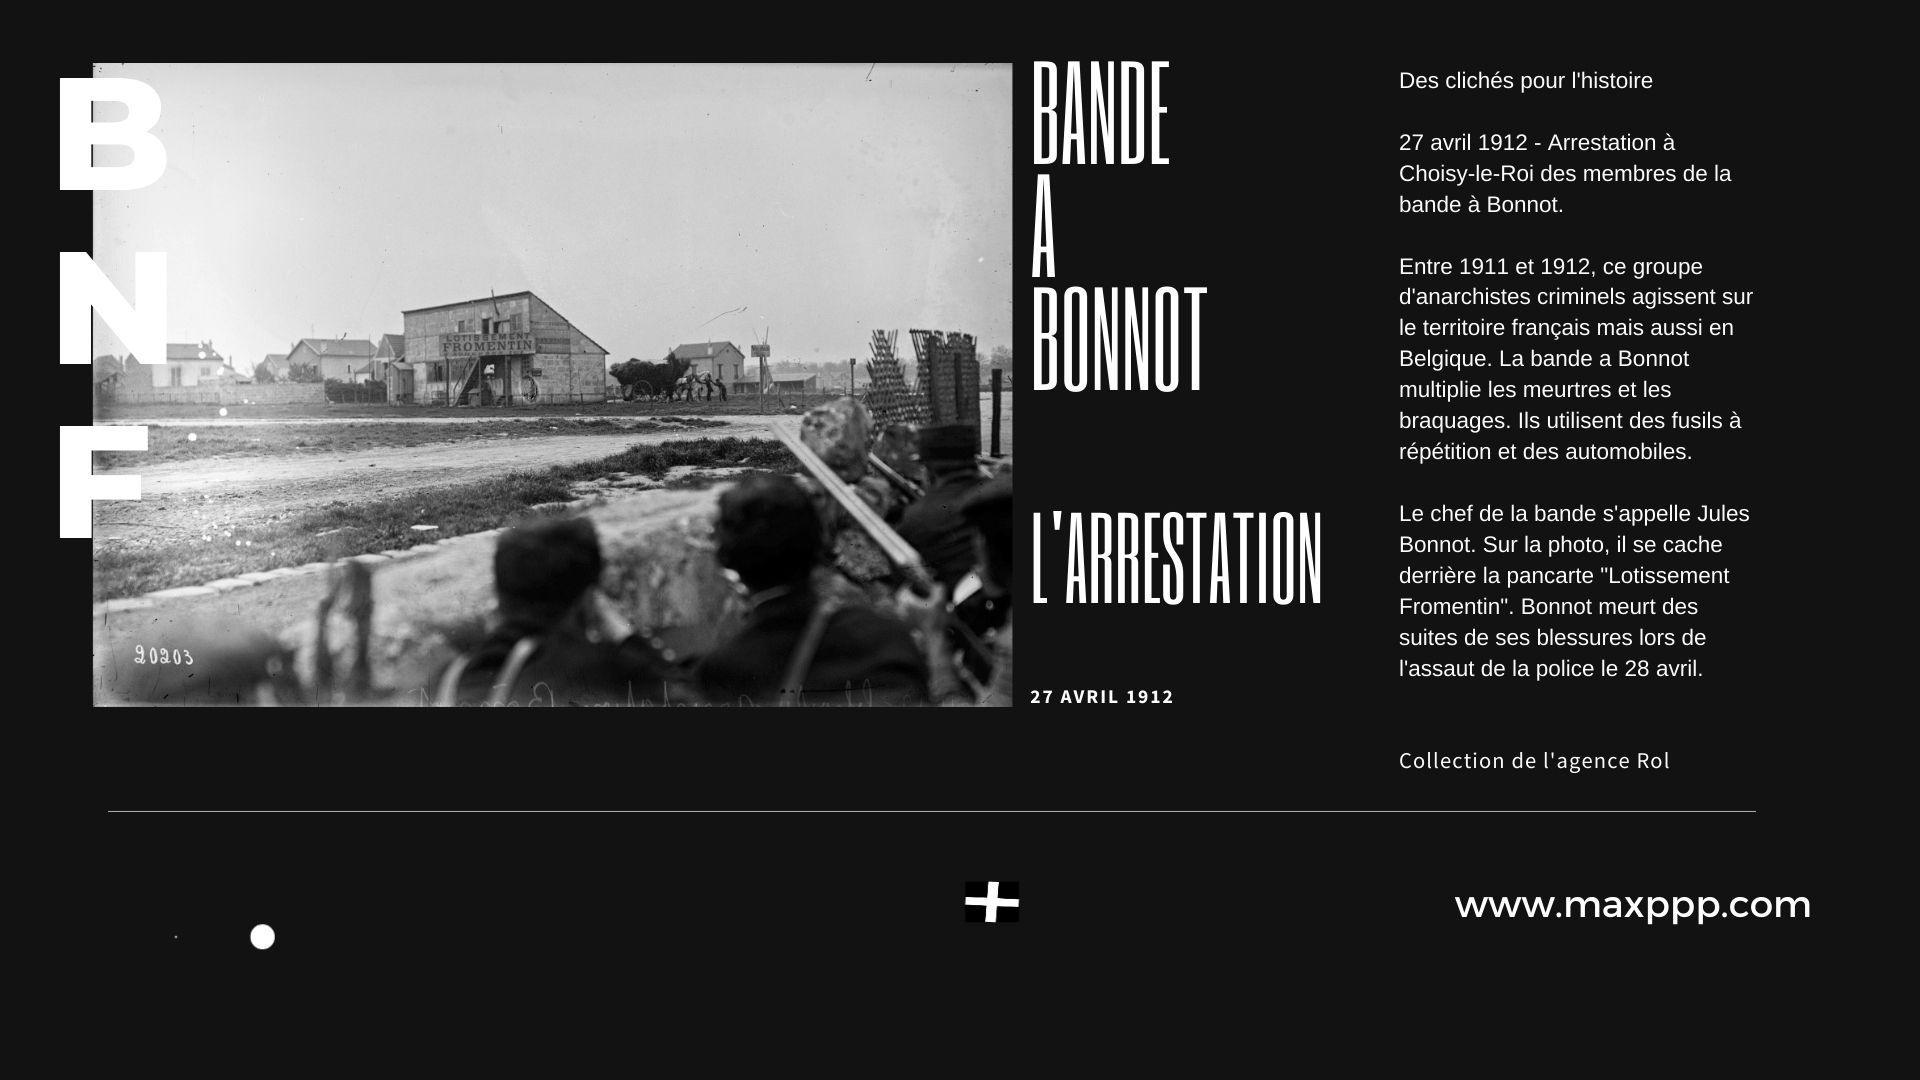 Arrestation de la bande à Bonnot le 27 avril 1912